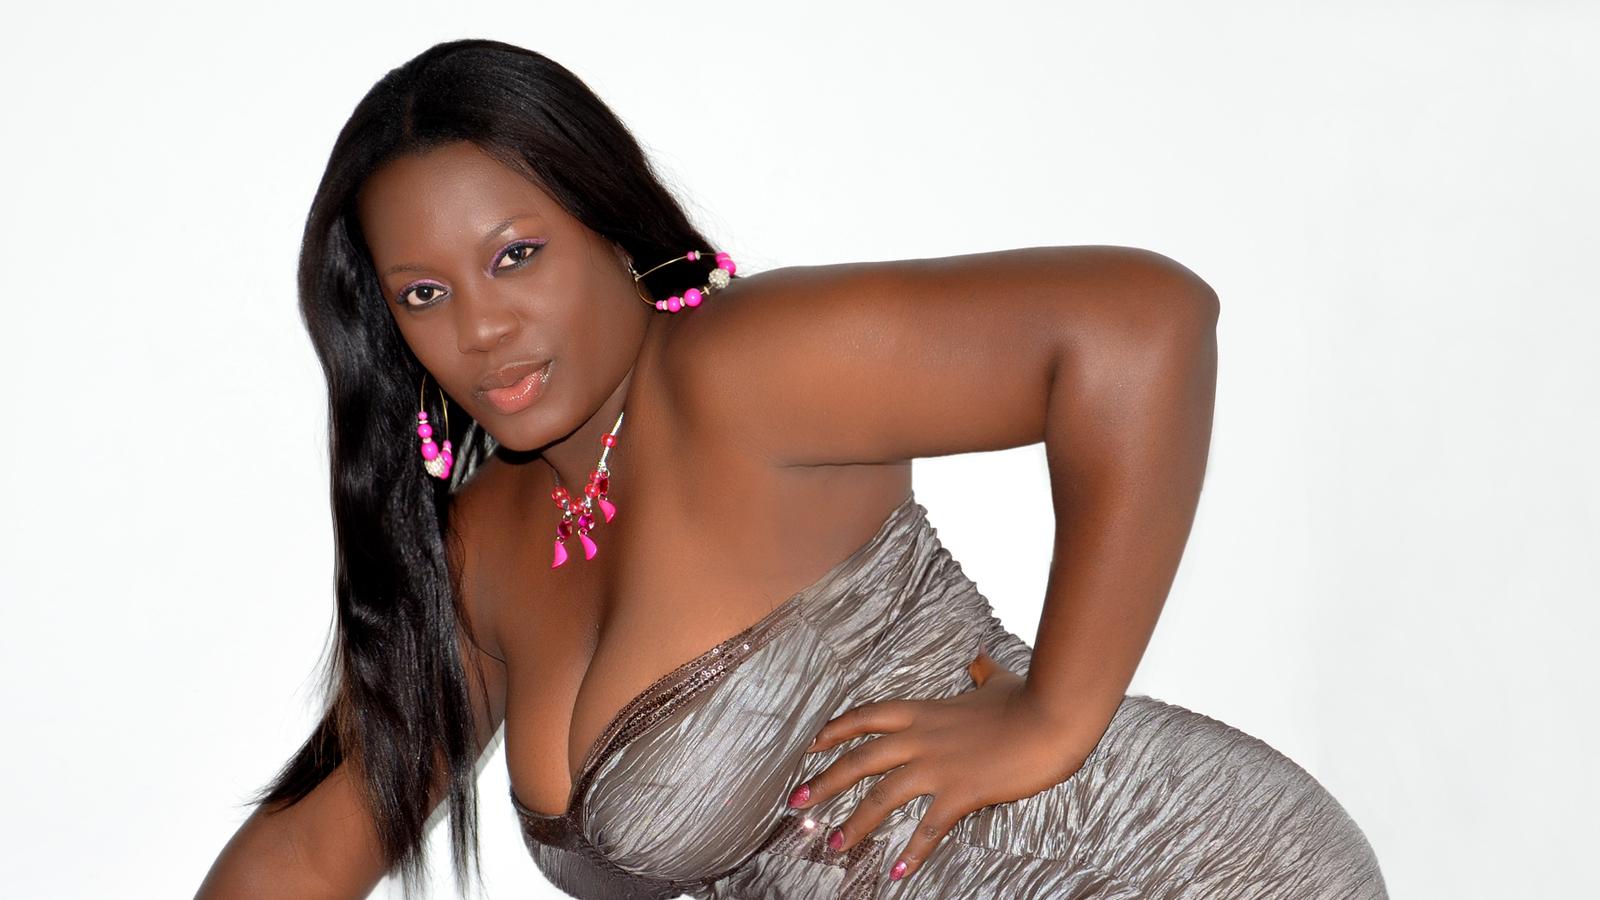 1ChocolateHot's Profile Image